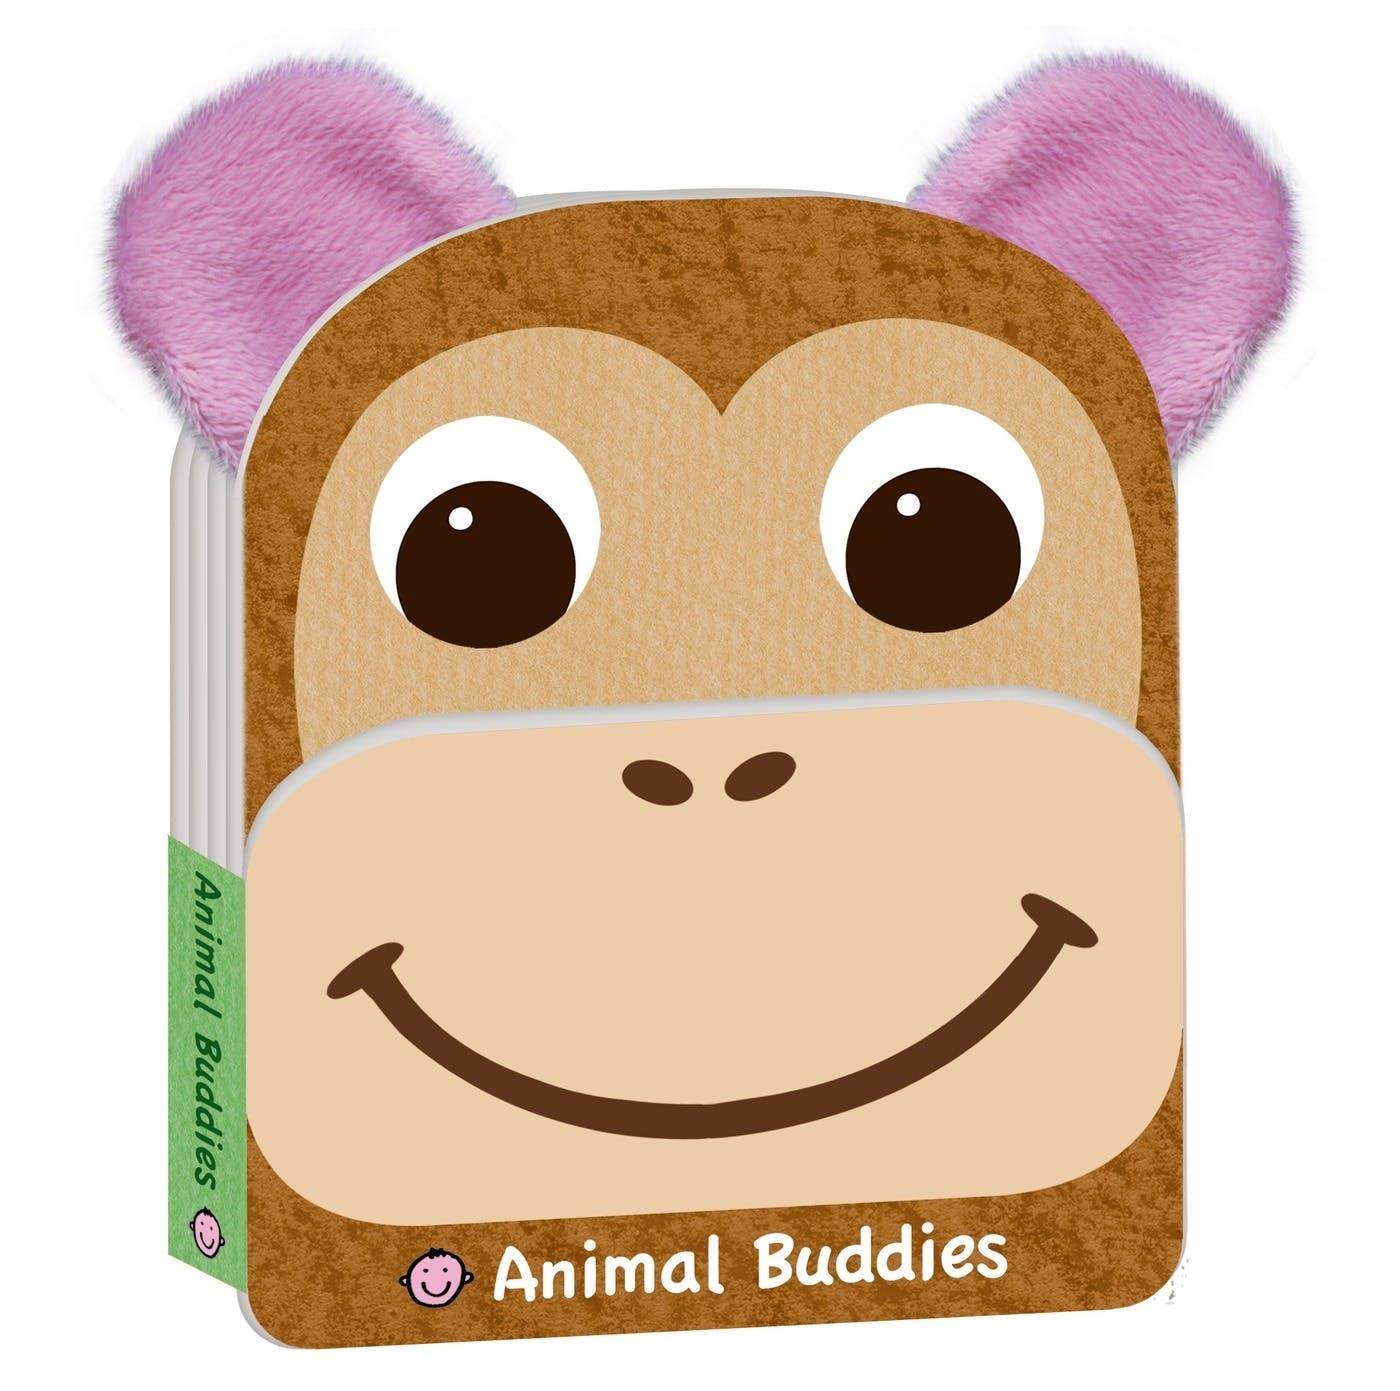 Image of Animal Buddies: Monkey